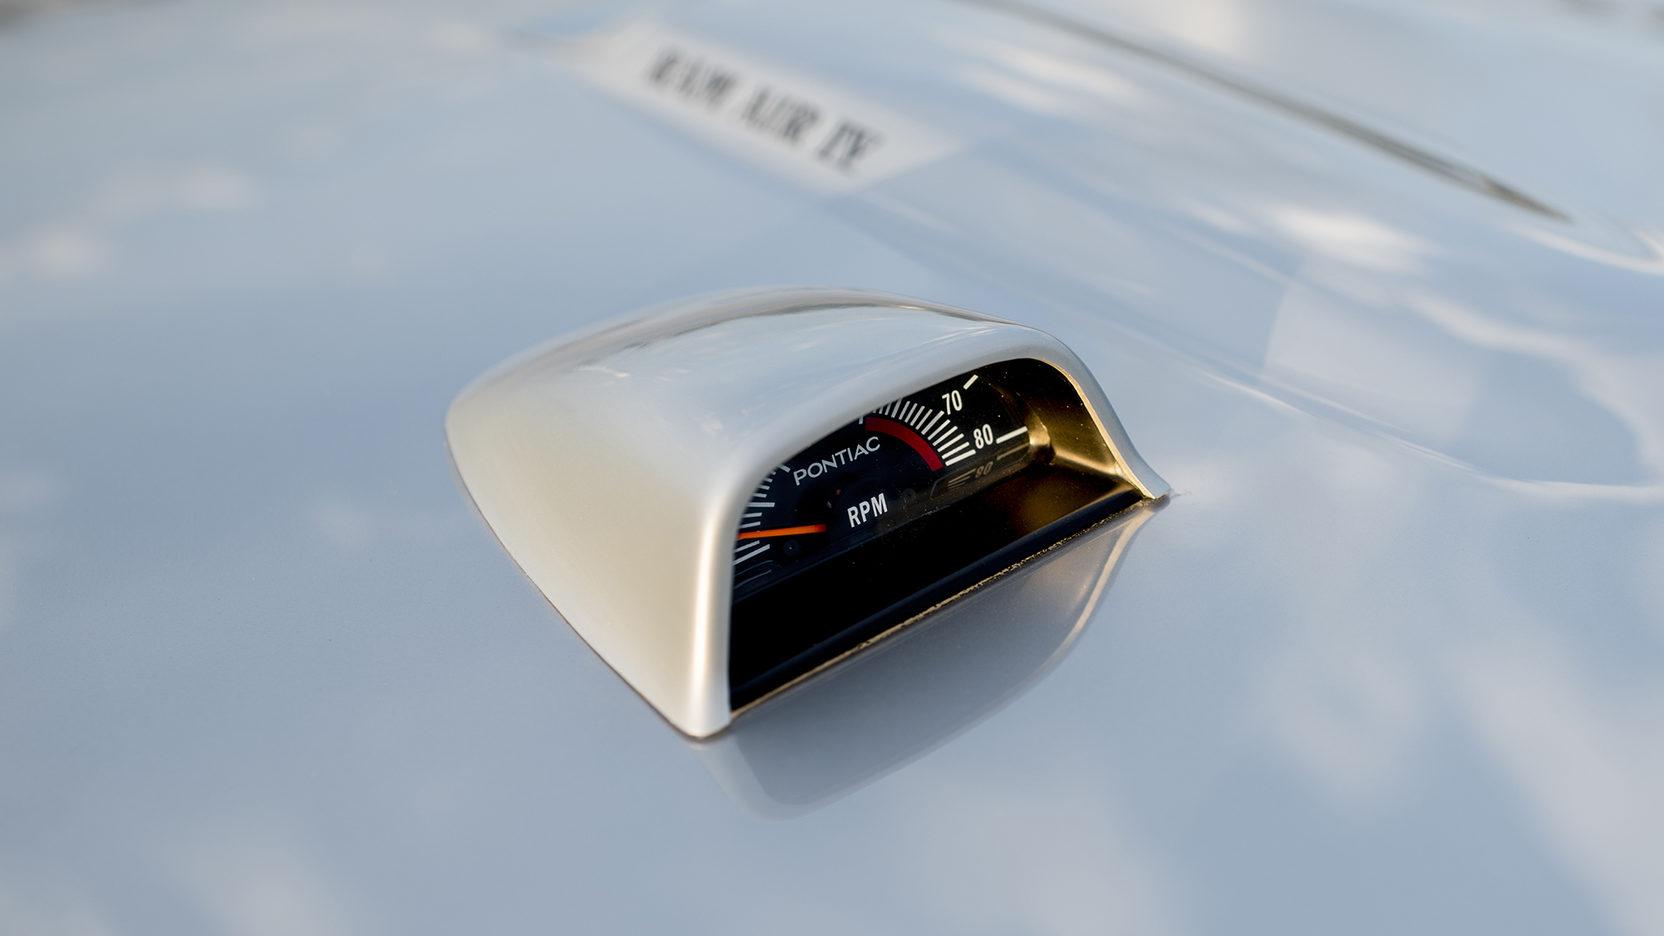 1970 Pontiac GTO Ram Air IV tach rpm